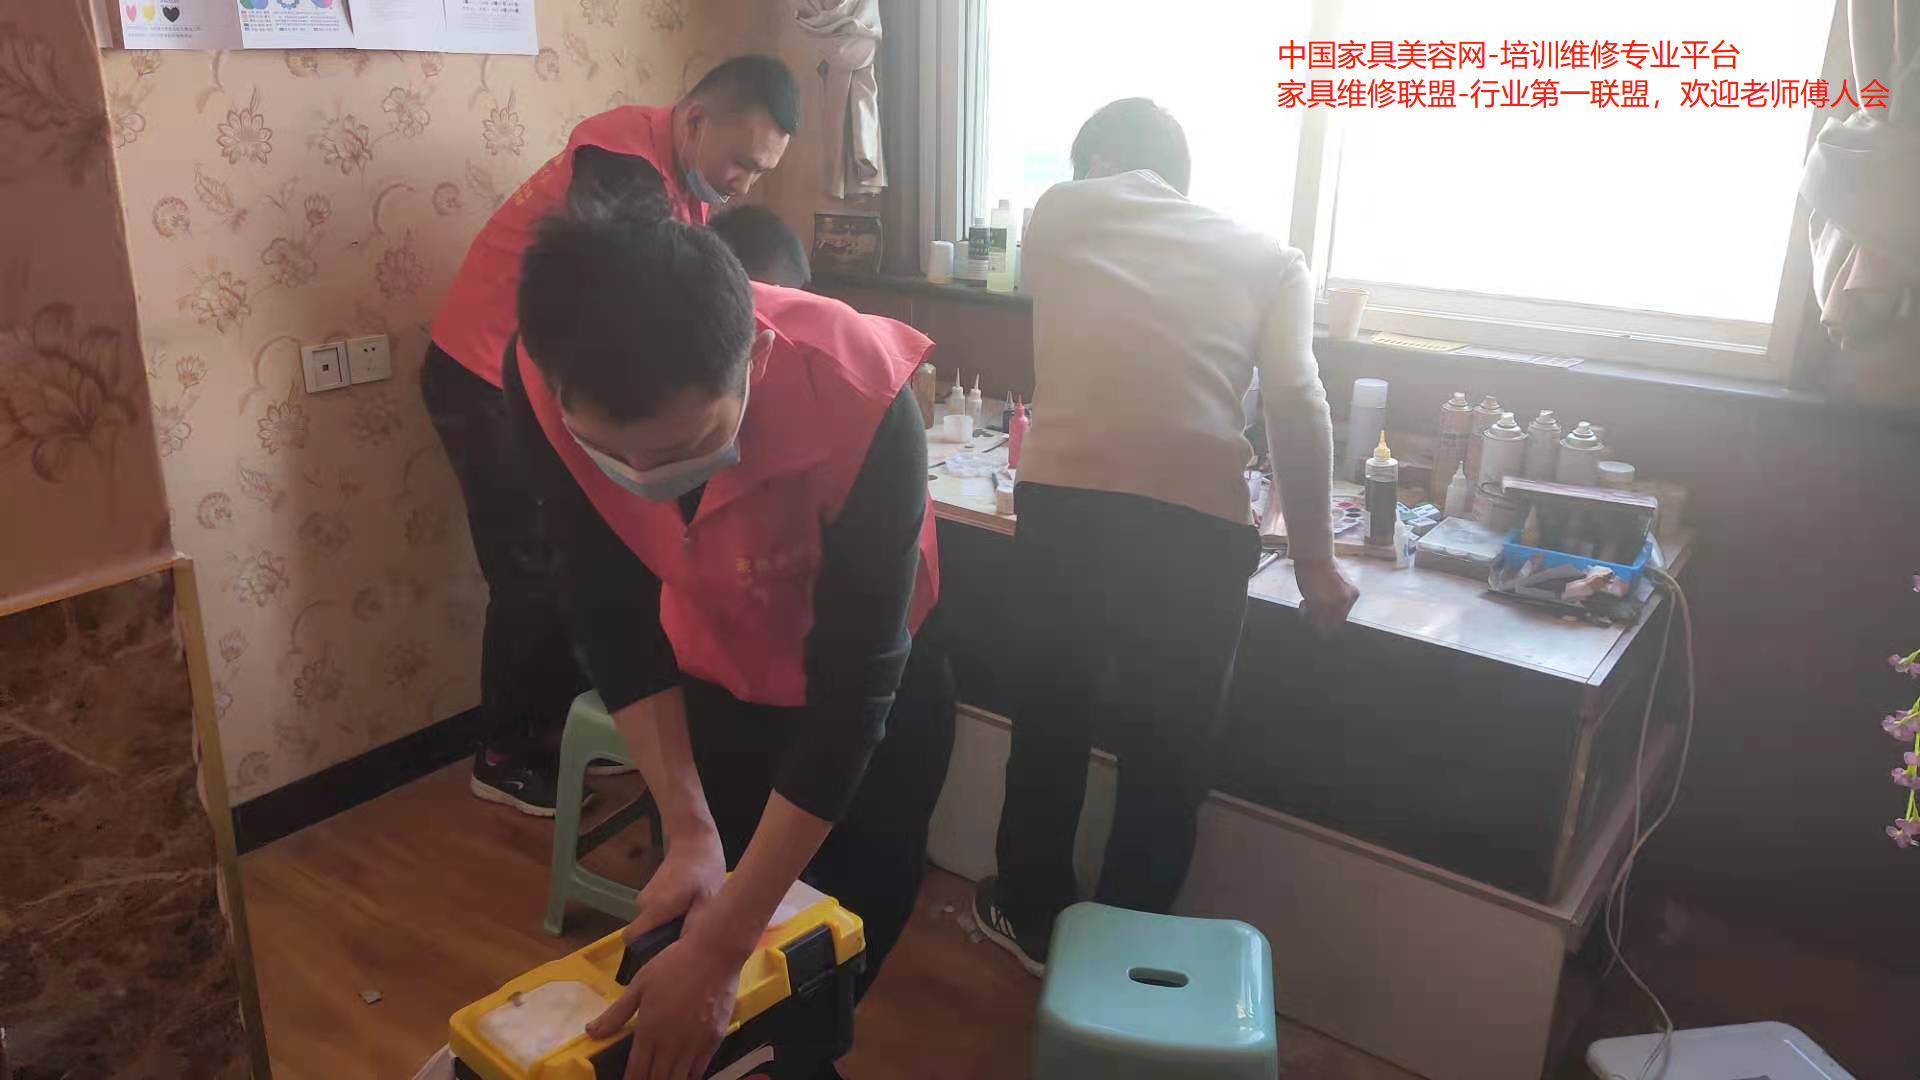 杭州、宁波、温州、绍兴和台州家具美容修复师傅,教你解决红木古典家具开裂问题有四大招